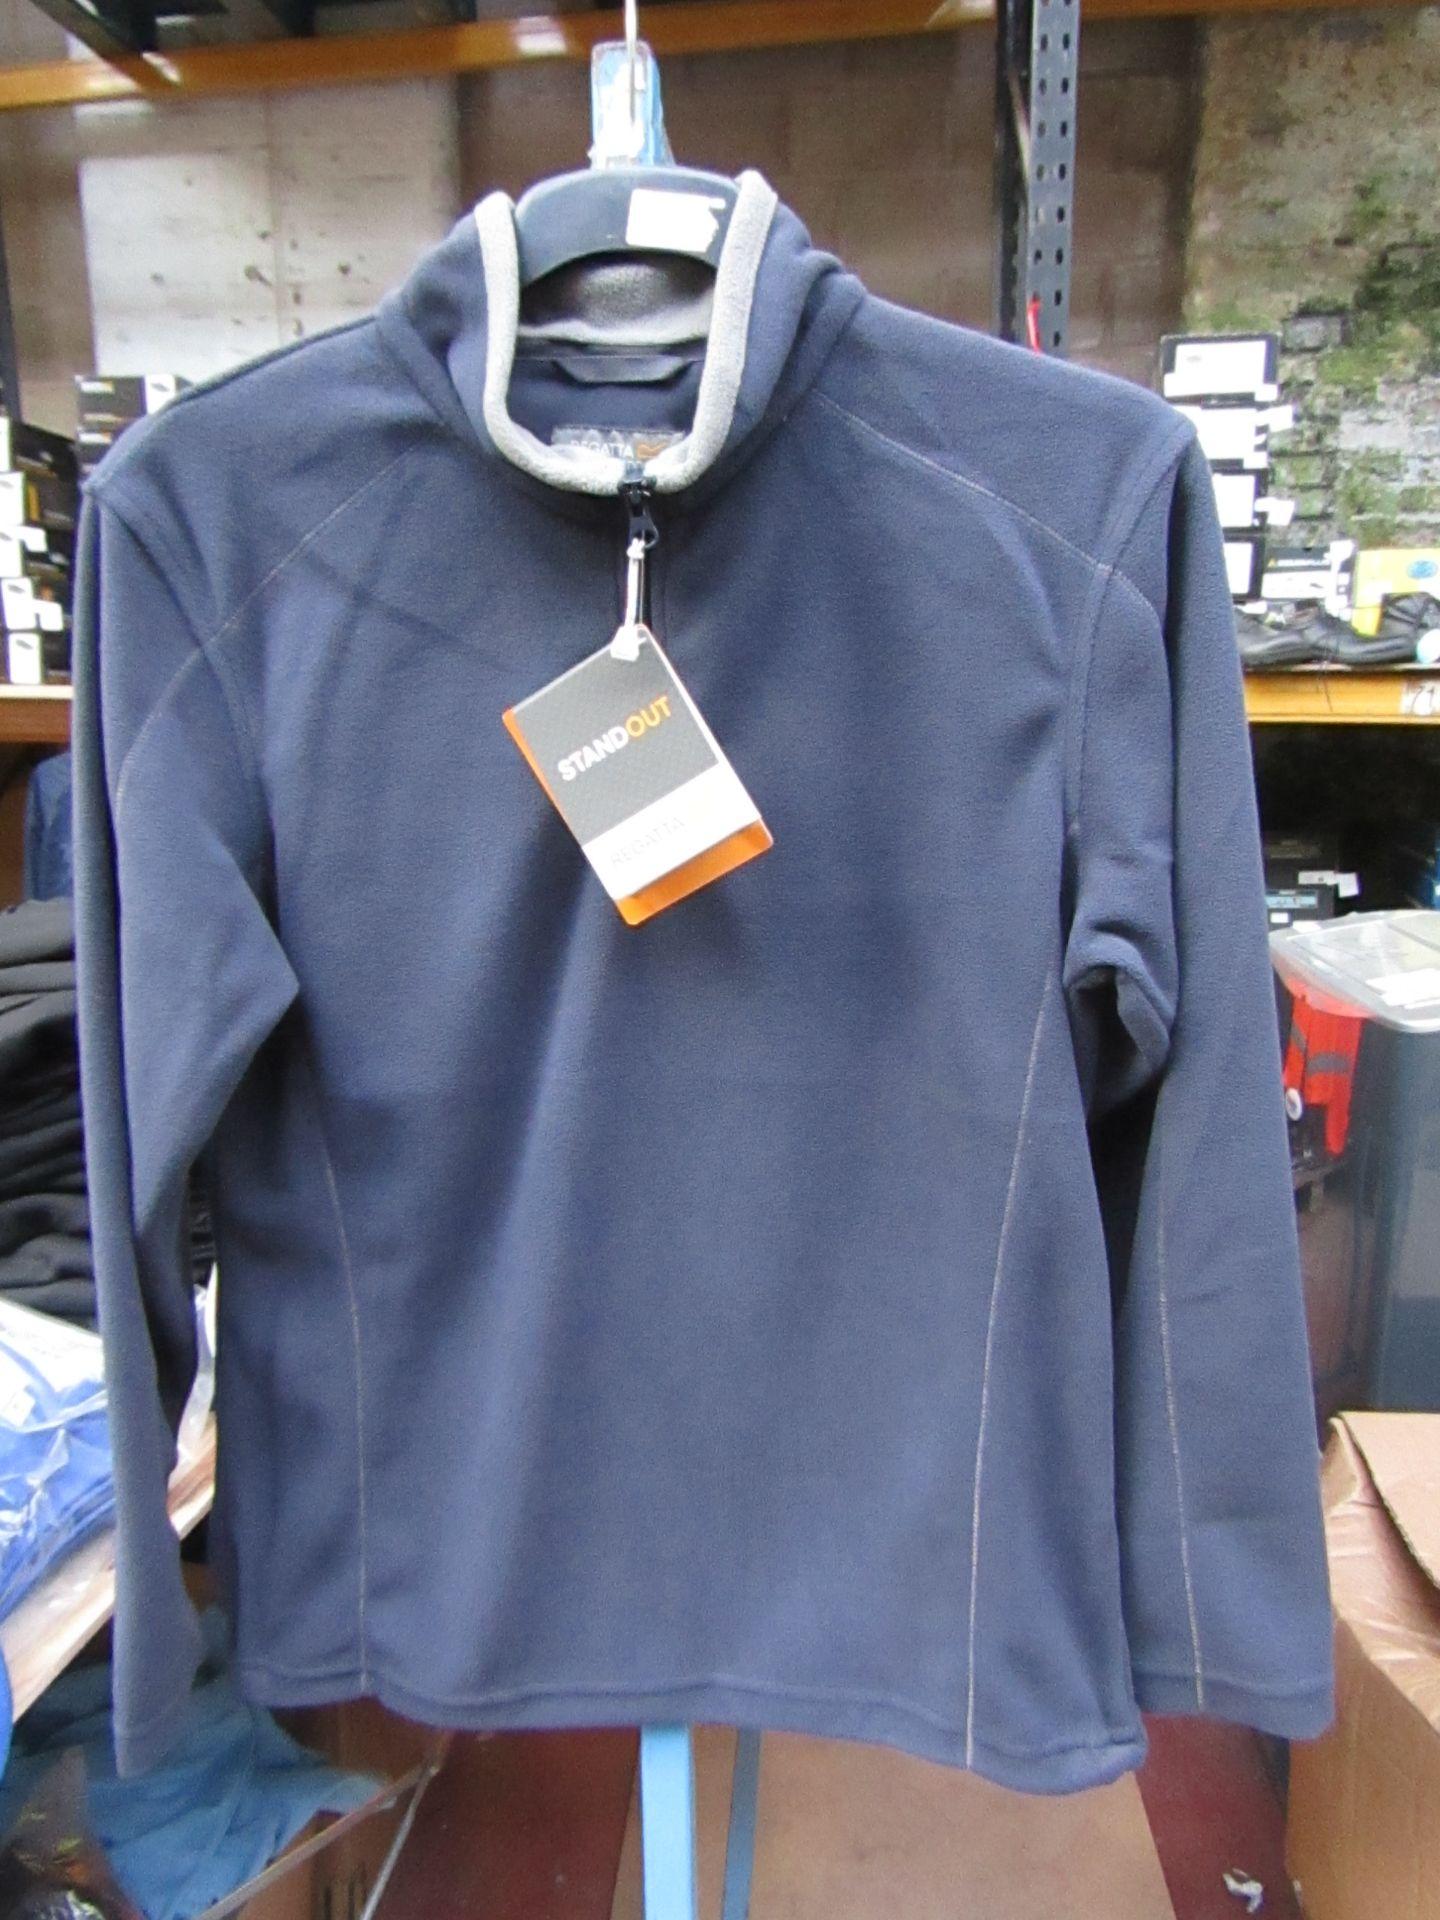 Lot 11 - Men's Regatta Professional Fleece Navy Blue / Smoke. Size XS. new in Packaging